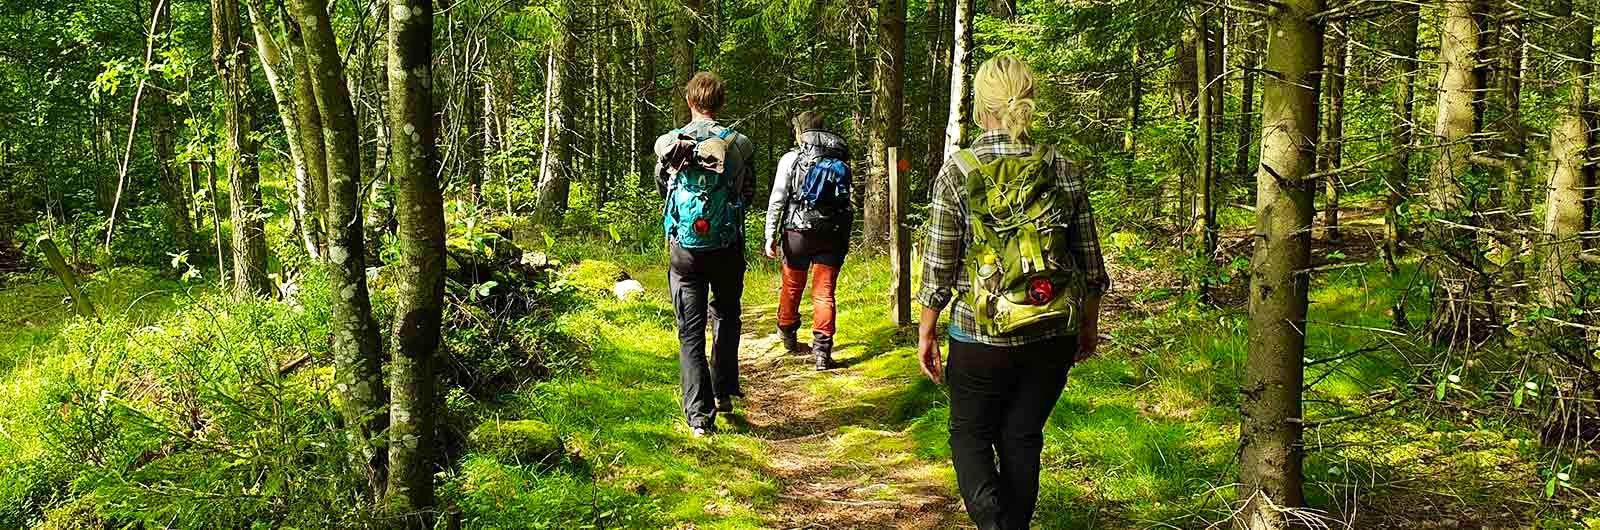 Tre personer vandrar i skogen längs sjuhäradsleden